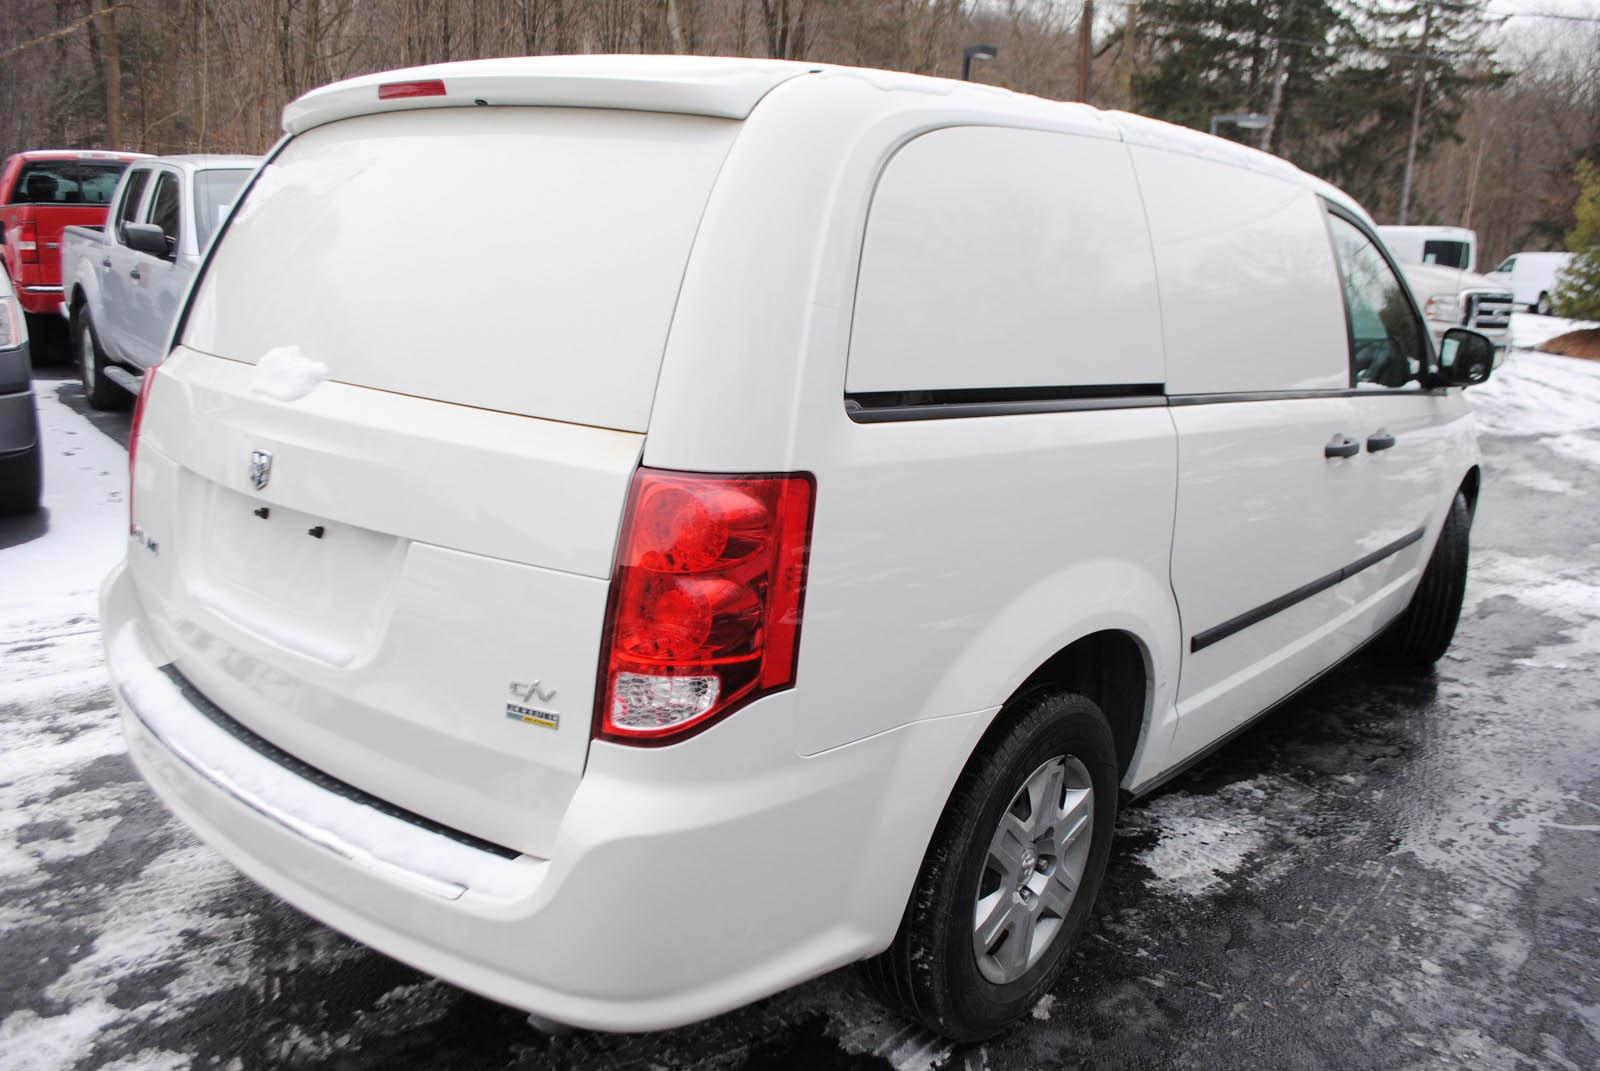 Used 2013 RAM Cargo Van Tradesman at AAA Motor Cars |2013 Ram Cargo Tradesman Van